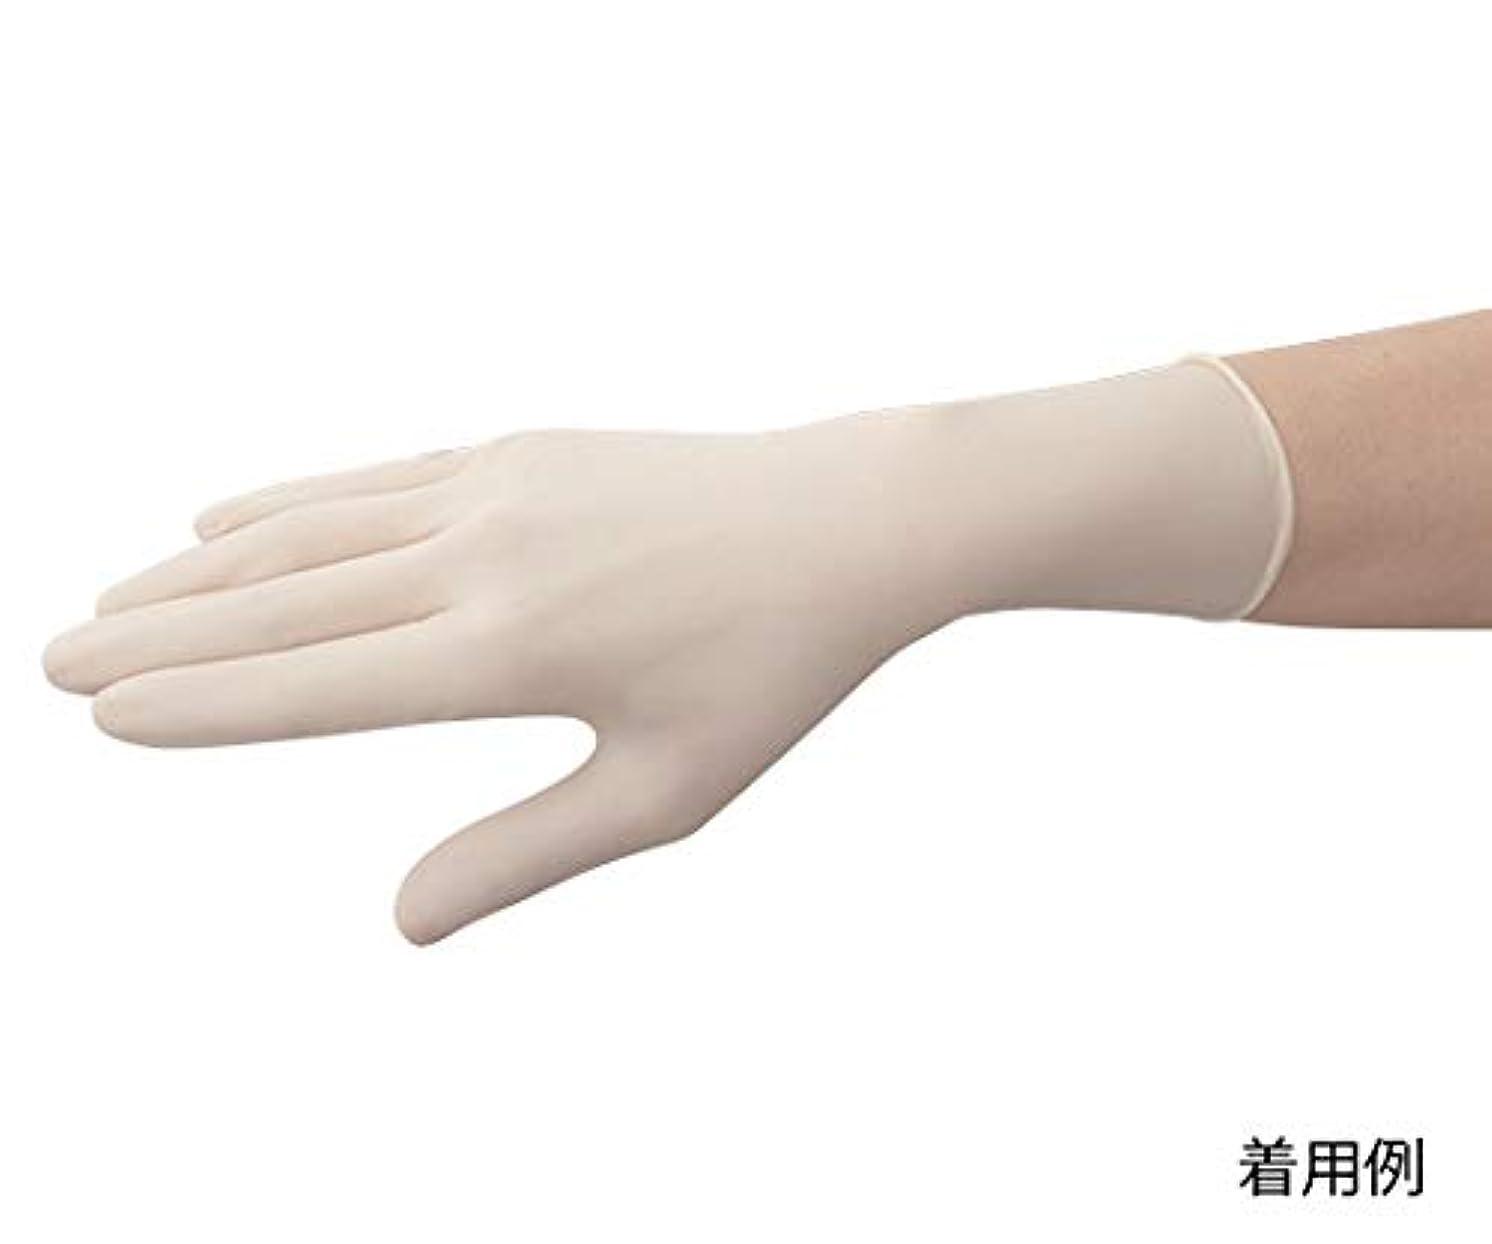 力スケジュール代わって東レ?メディカル 手術用手袋メディグリップ パウダーフリー50双 8155MG